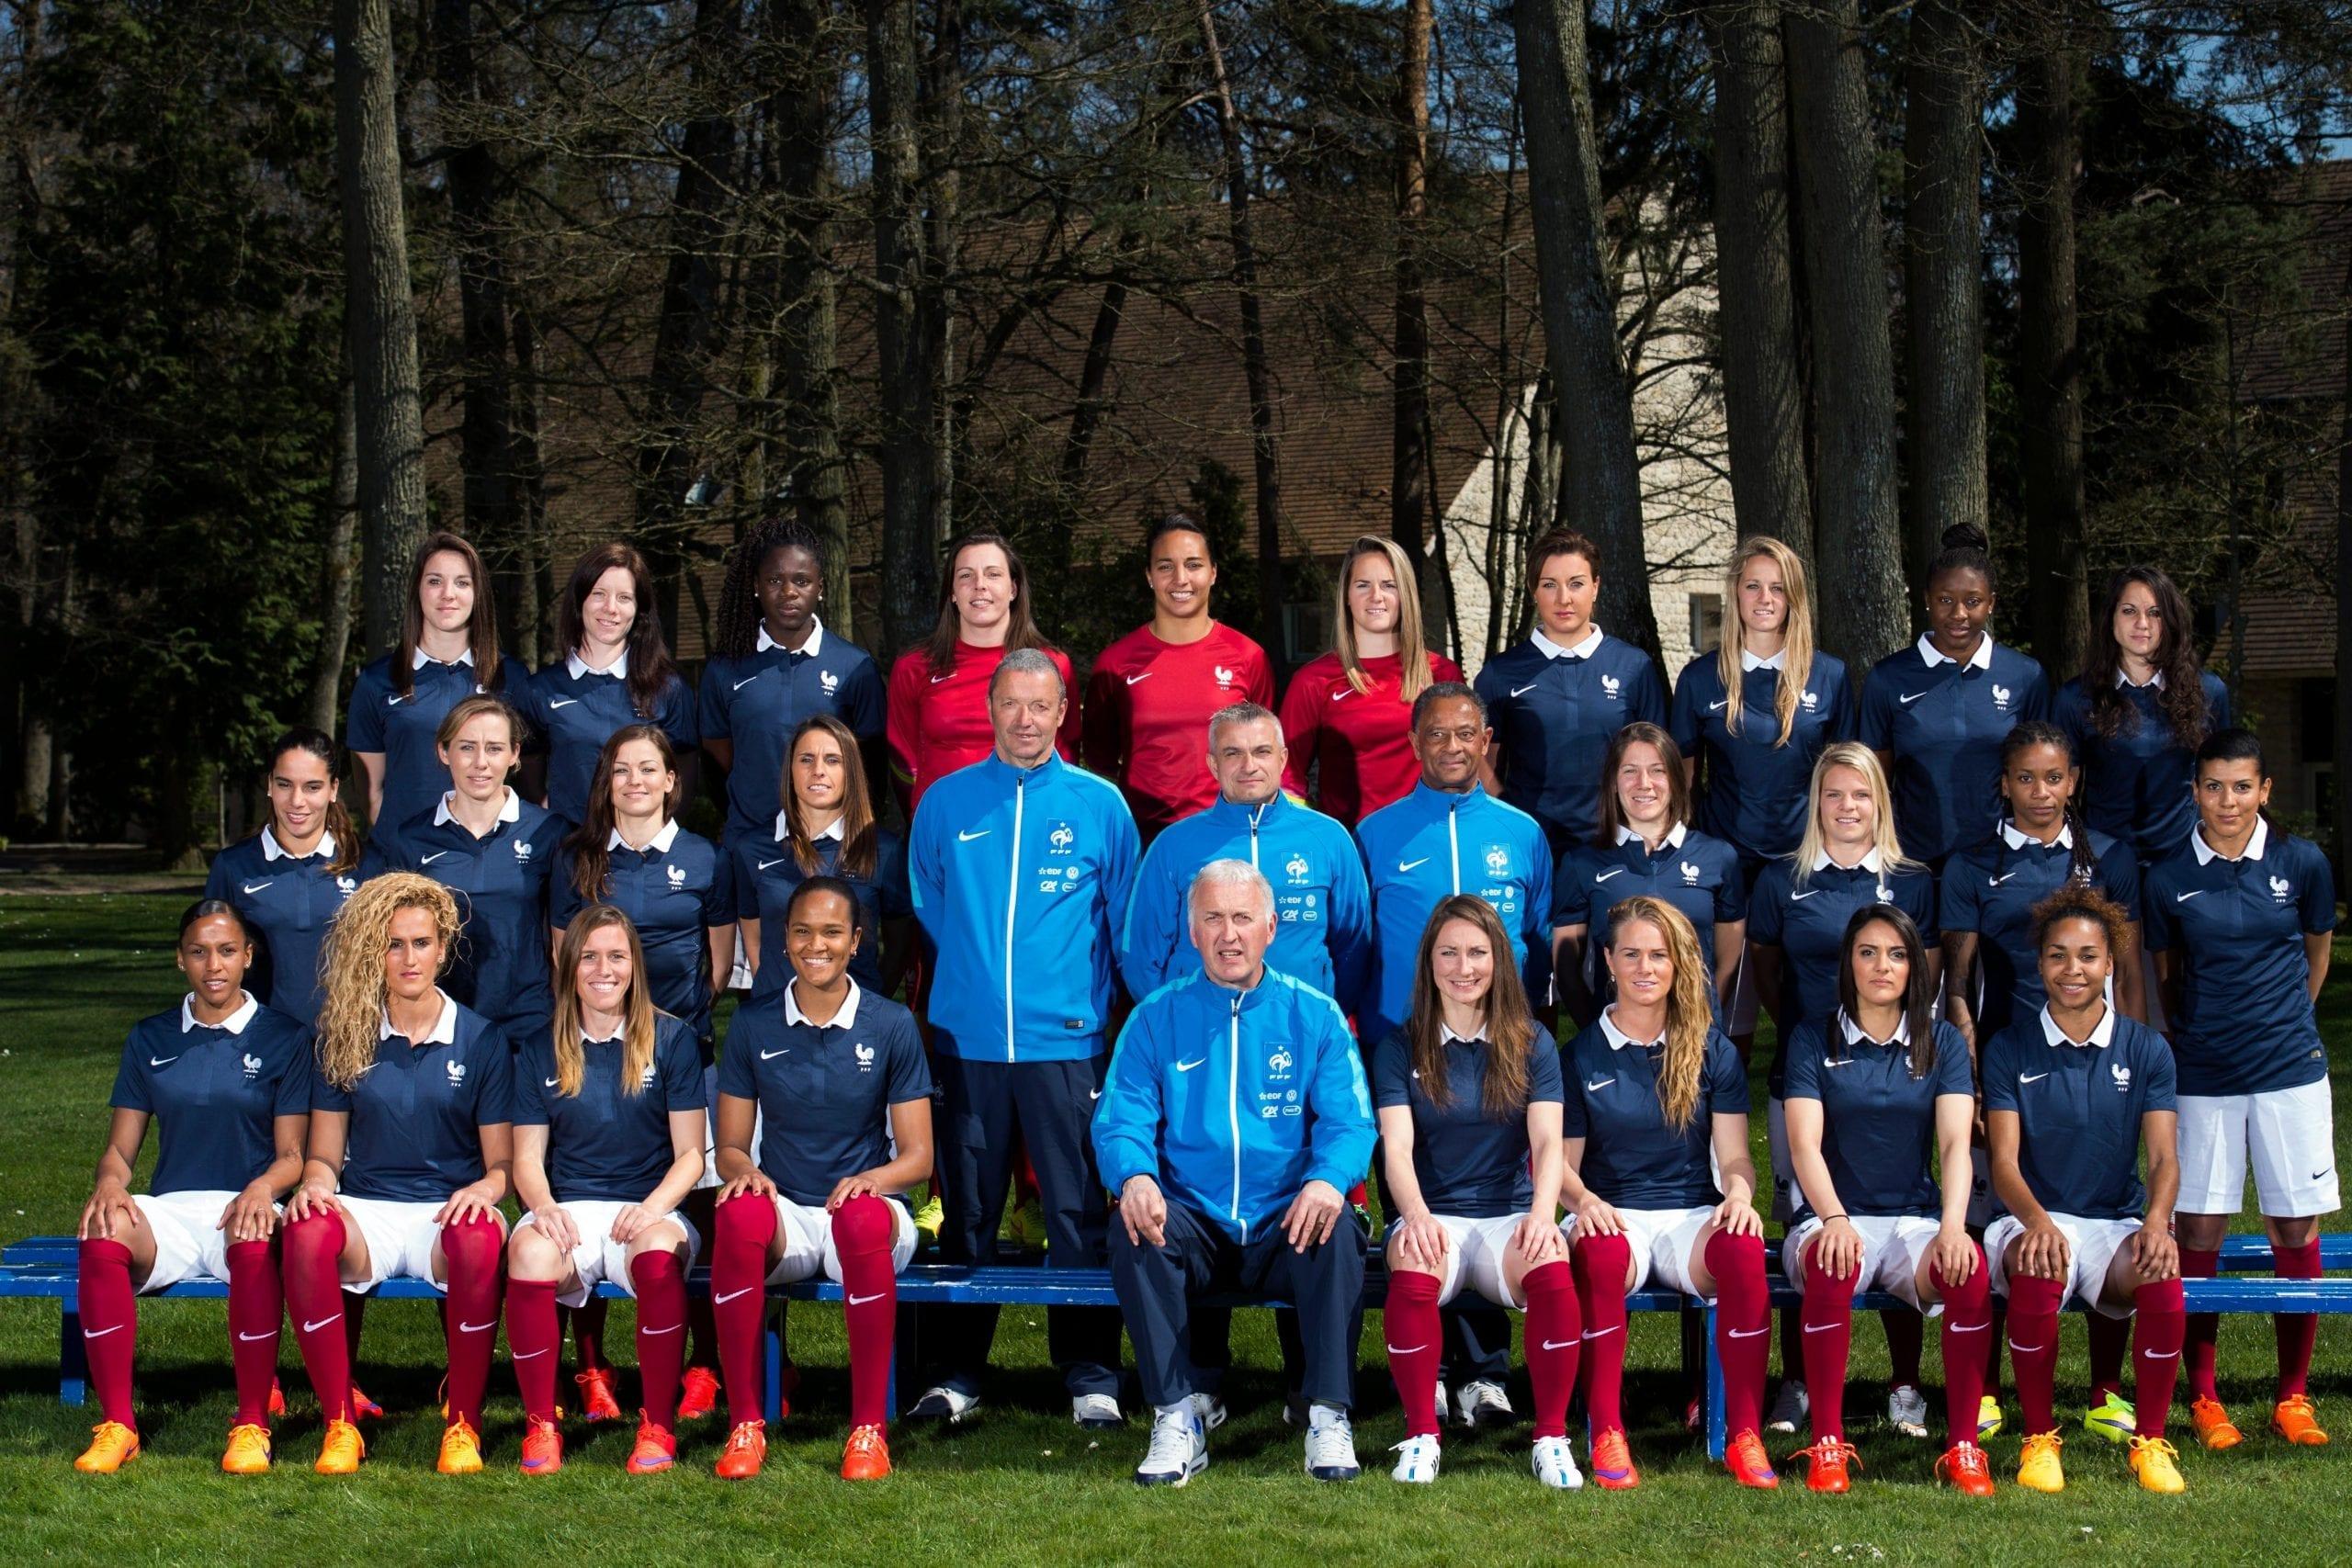 Histoire du football f minin les grandes dates - Coupe du monde de foot feminin 2015 ...